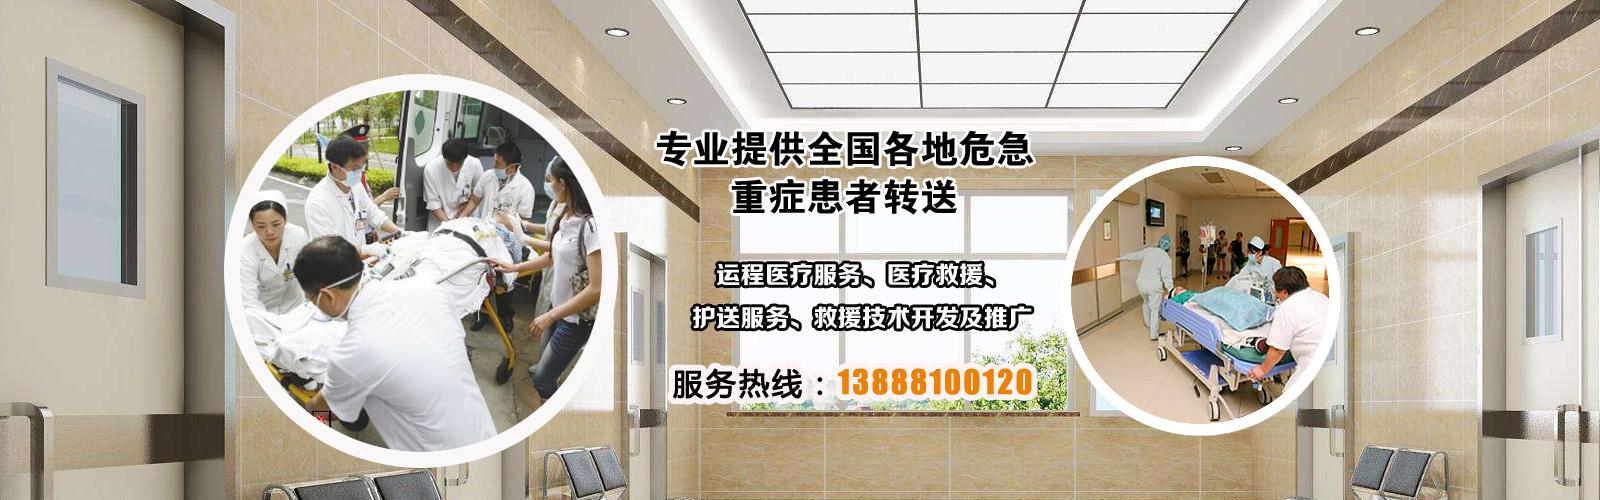 云南救护车出租